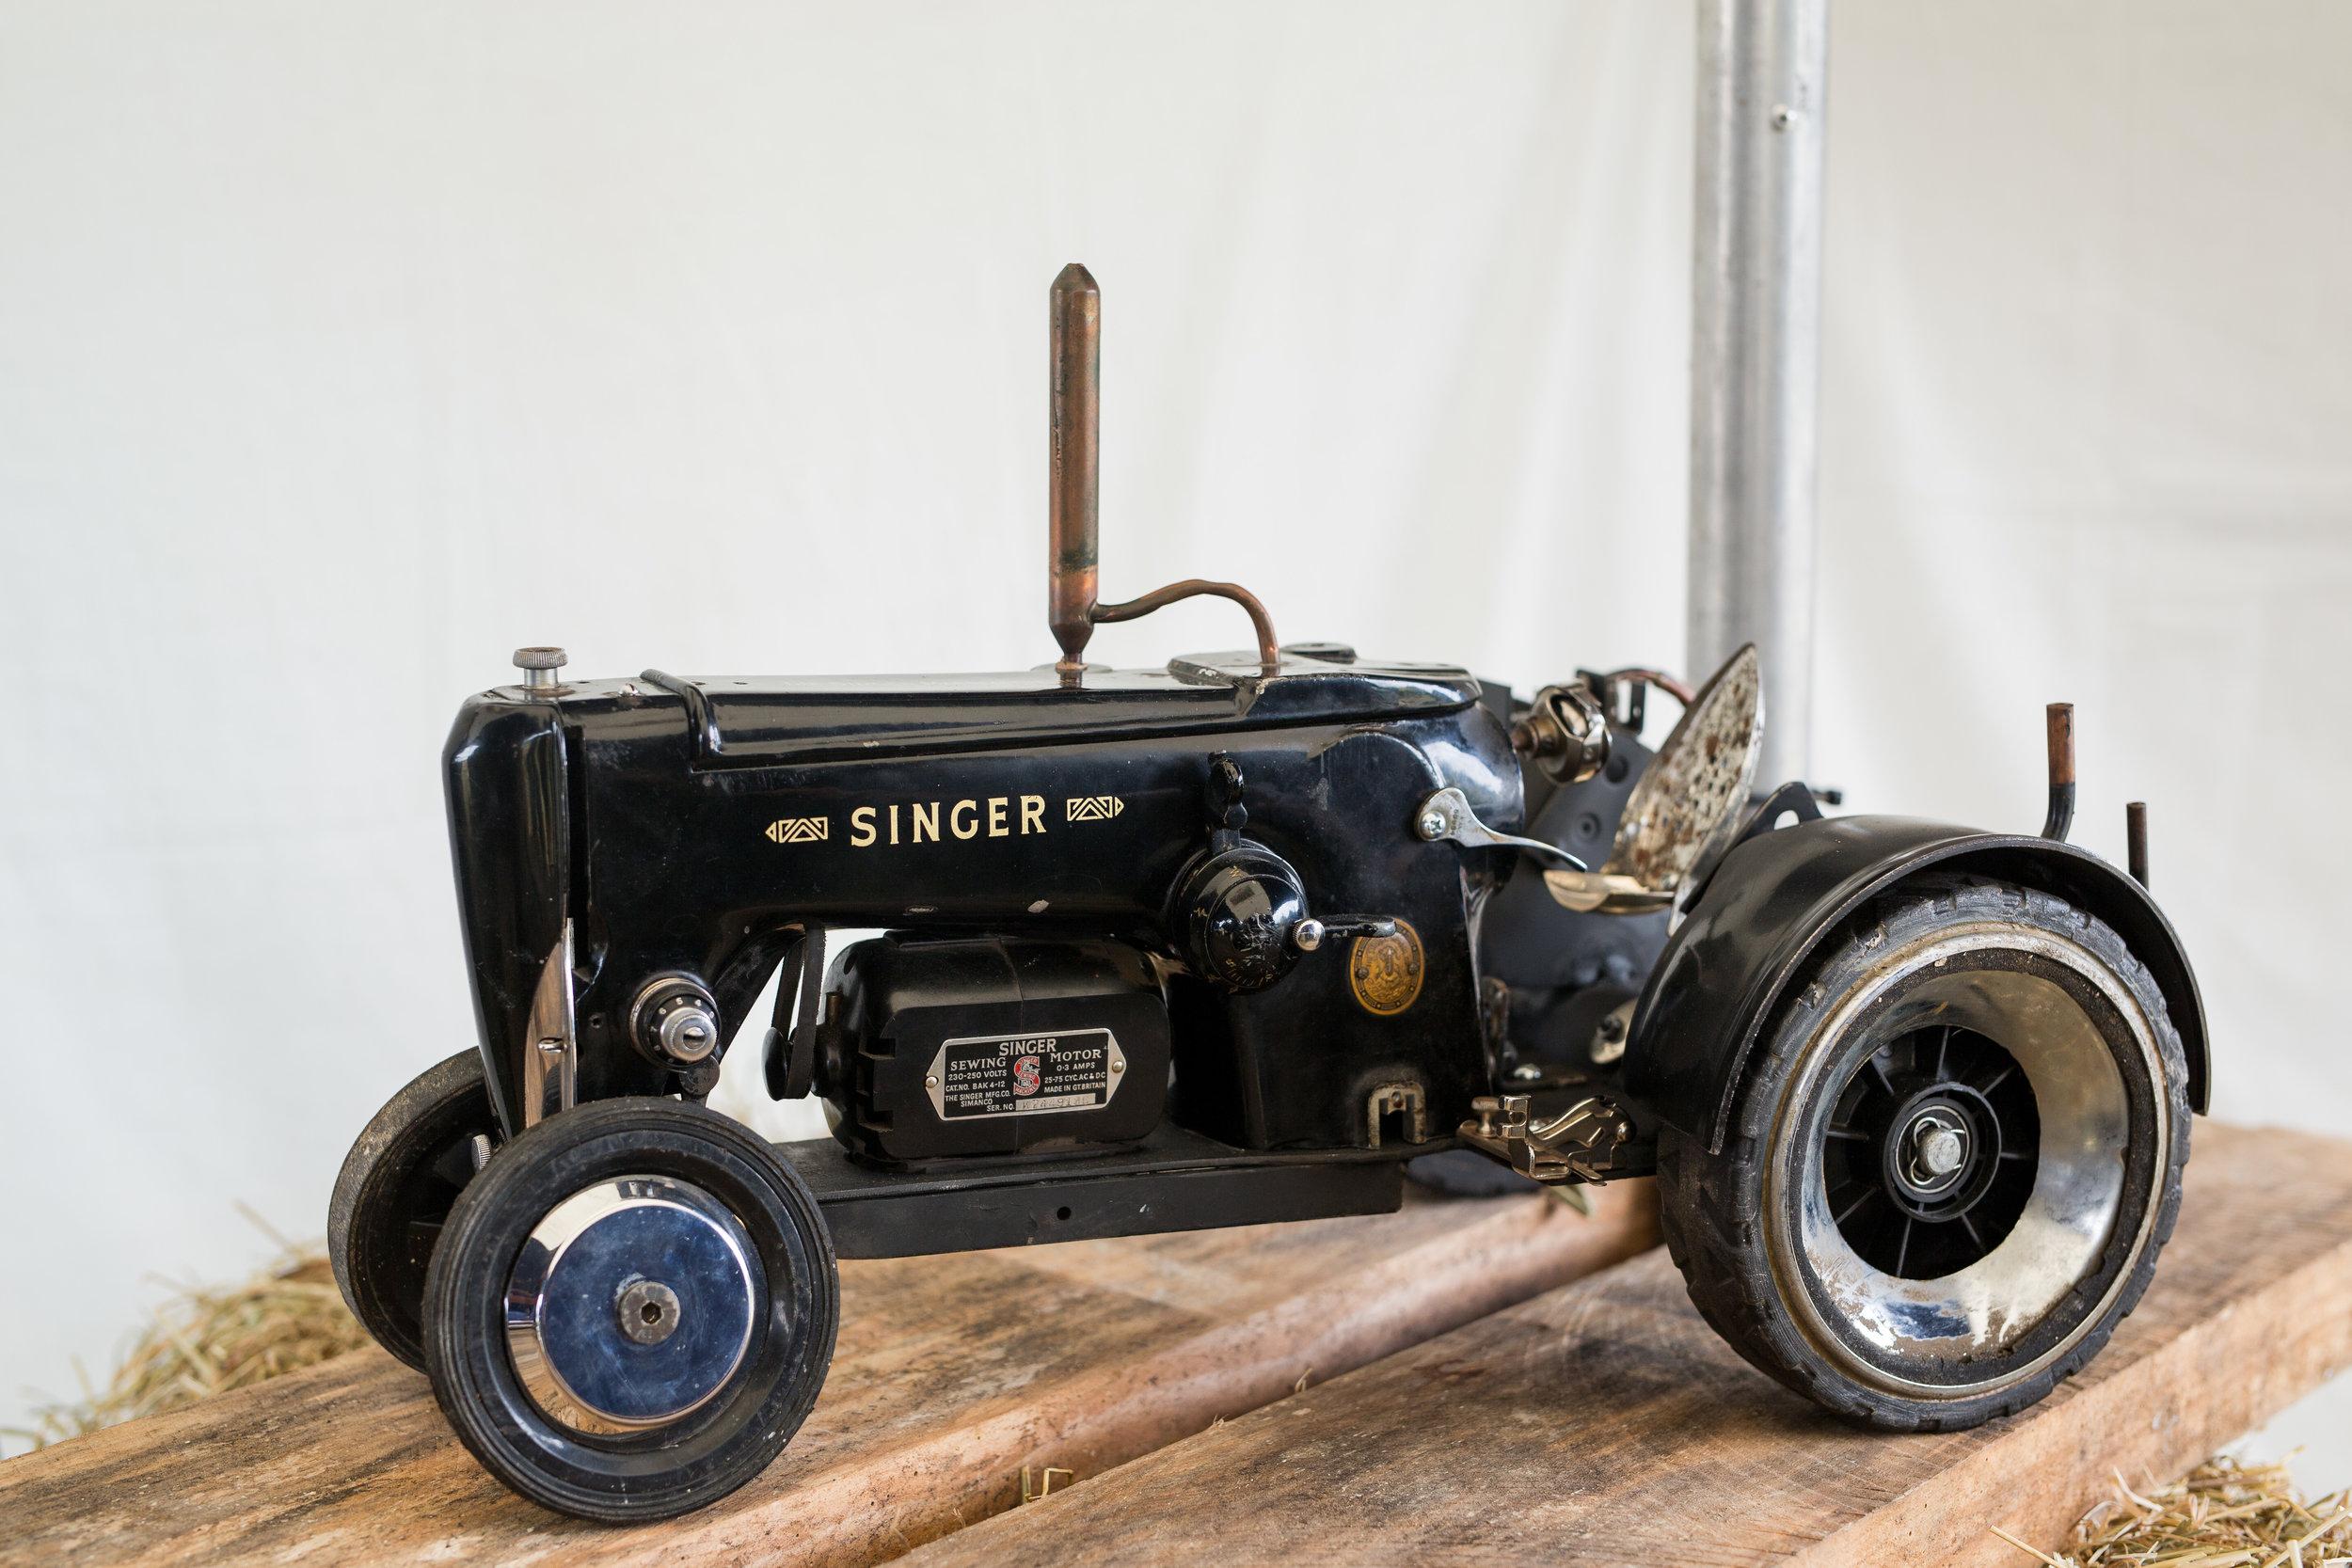 Singer Tractor